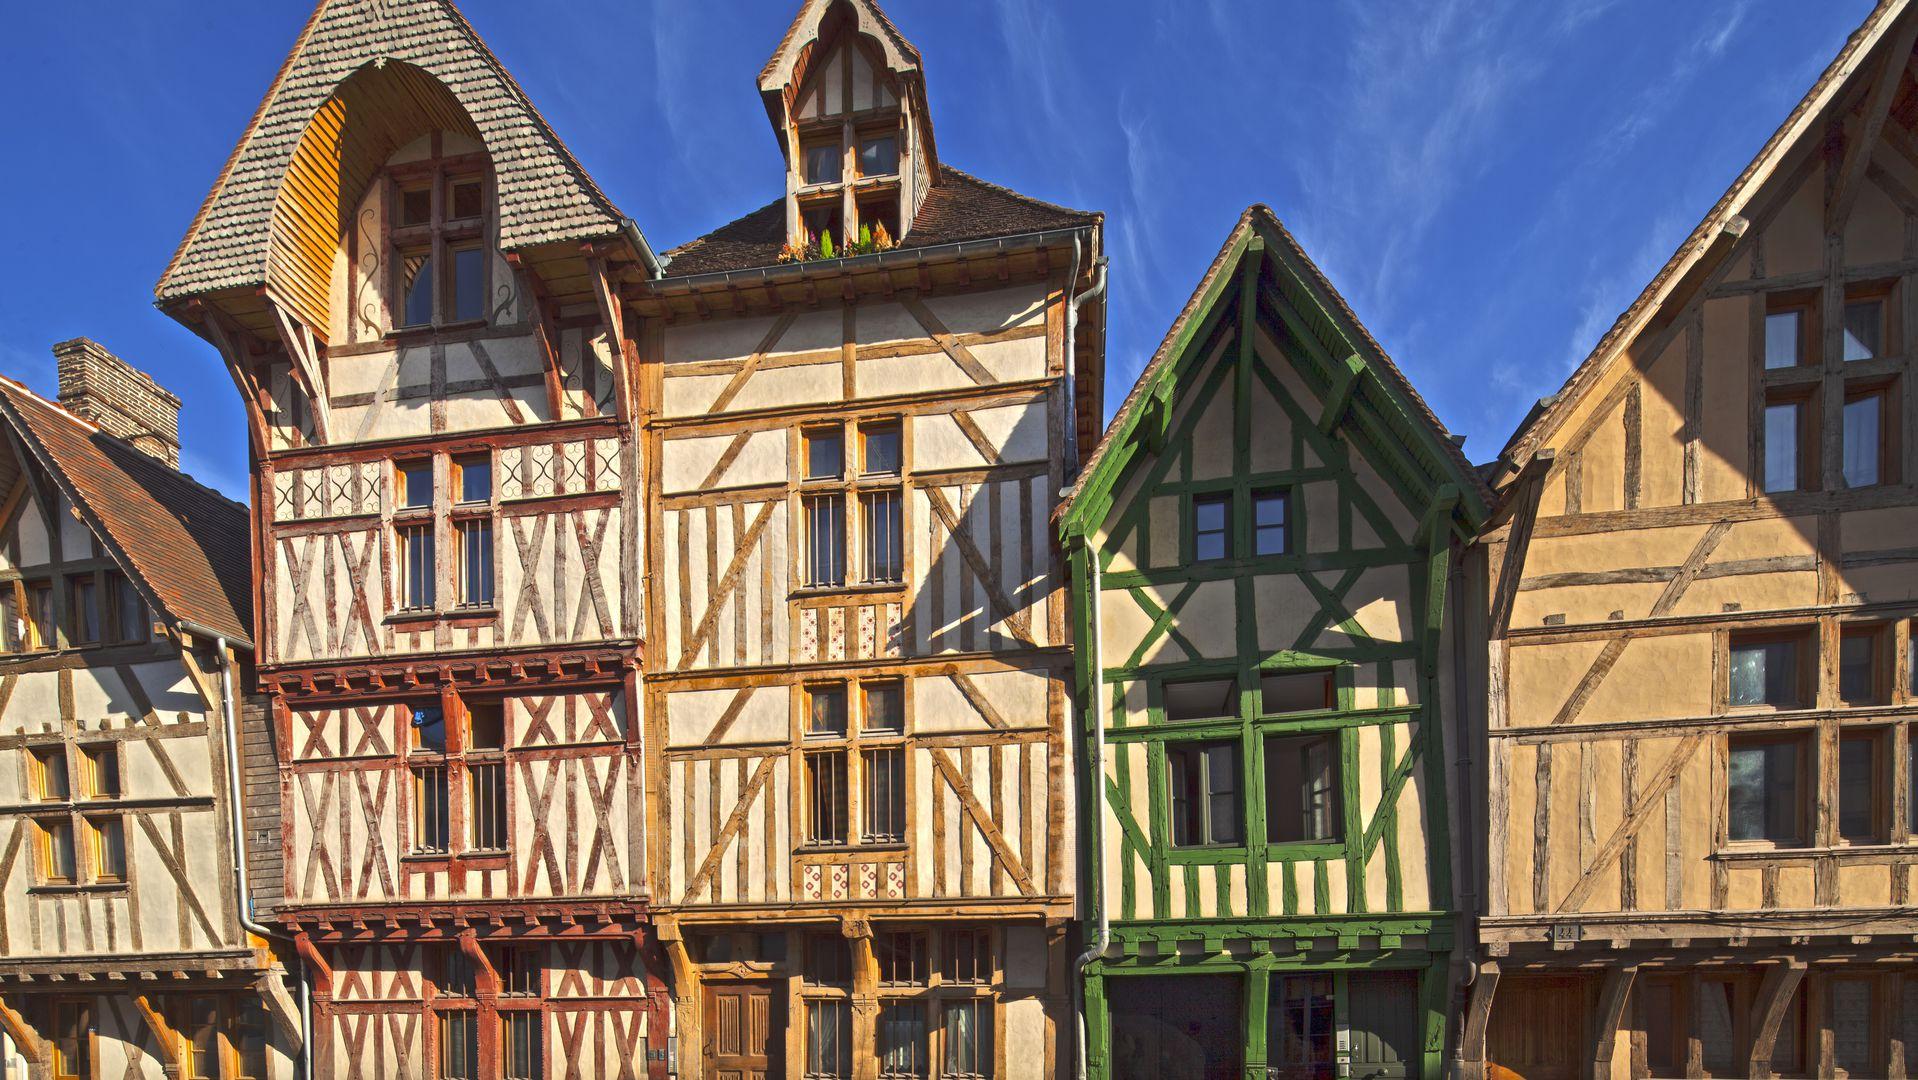 Nog één fraaie blik op Troyes alvorens we vertrekken (Foto: Panoramio)